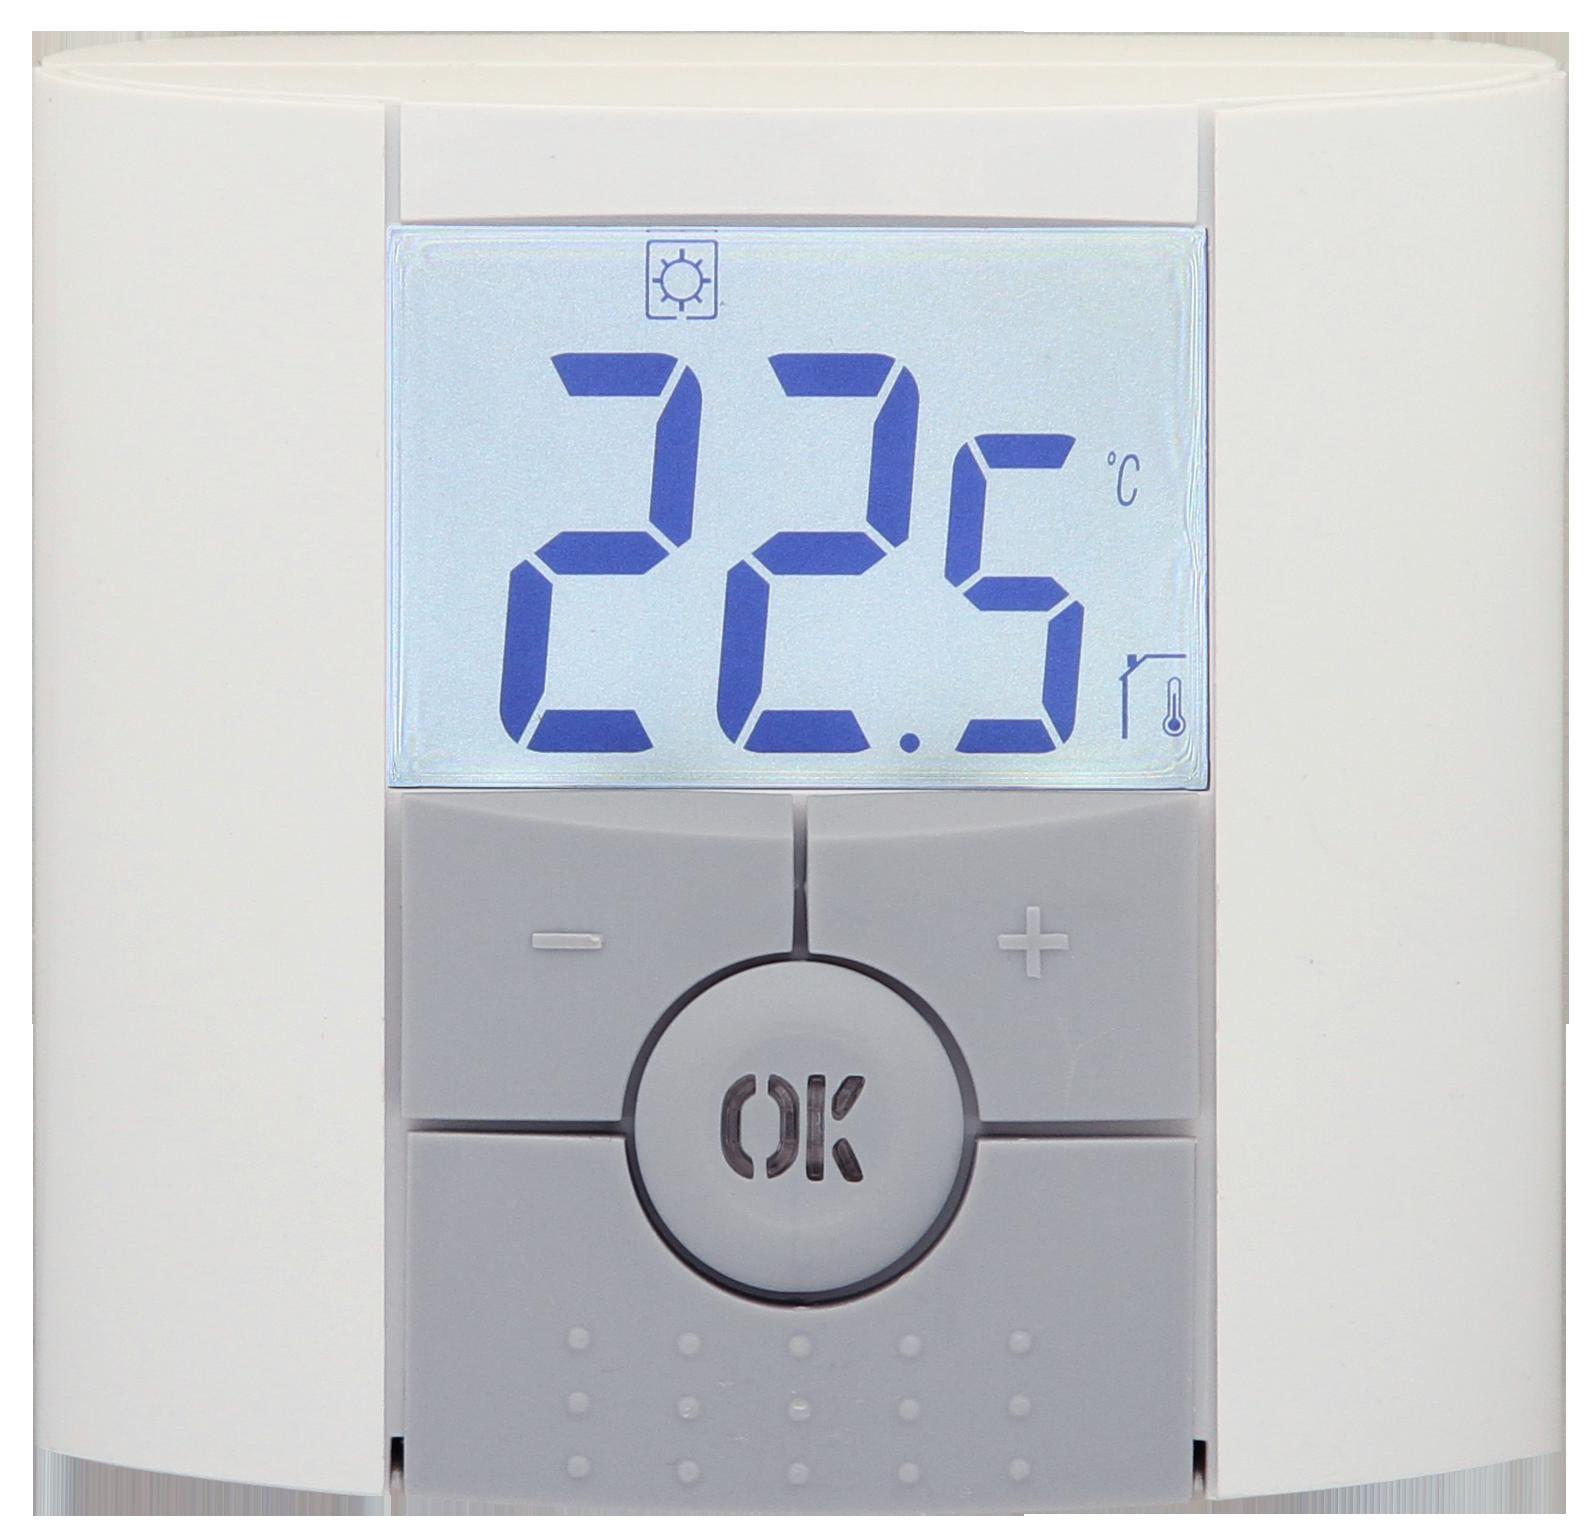 heatlink digital thermostat new design heatlink. Black Bedroom Furniture Sets. Home Design Ideas